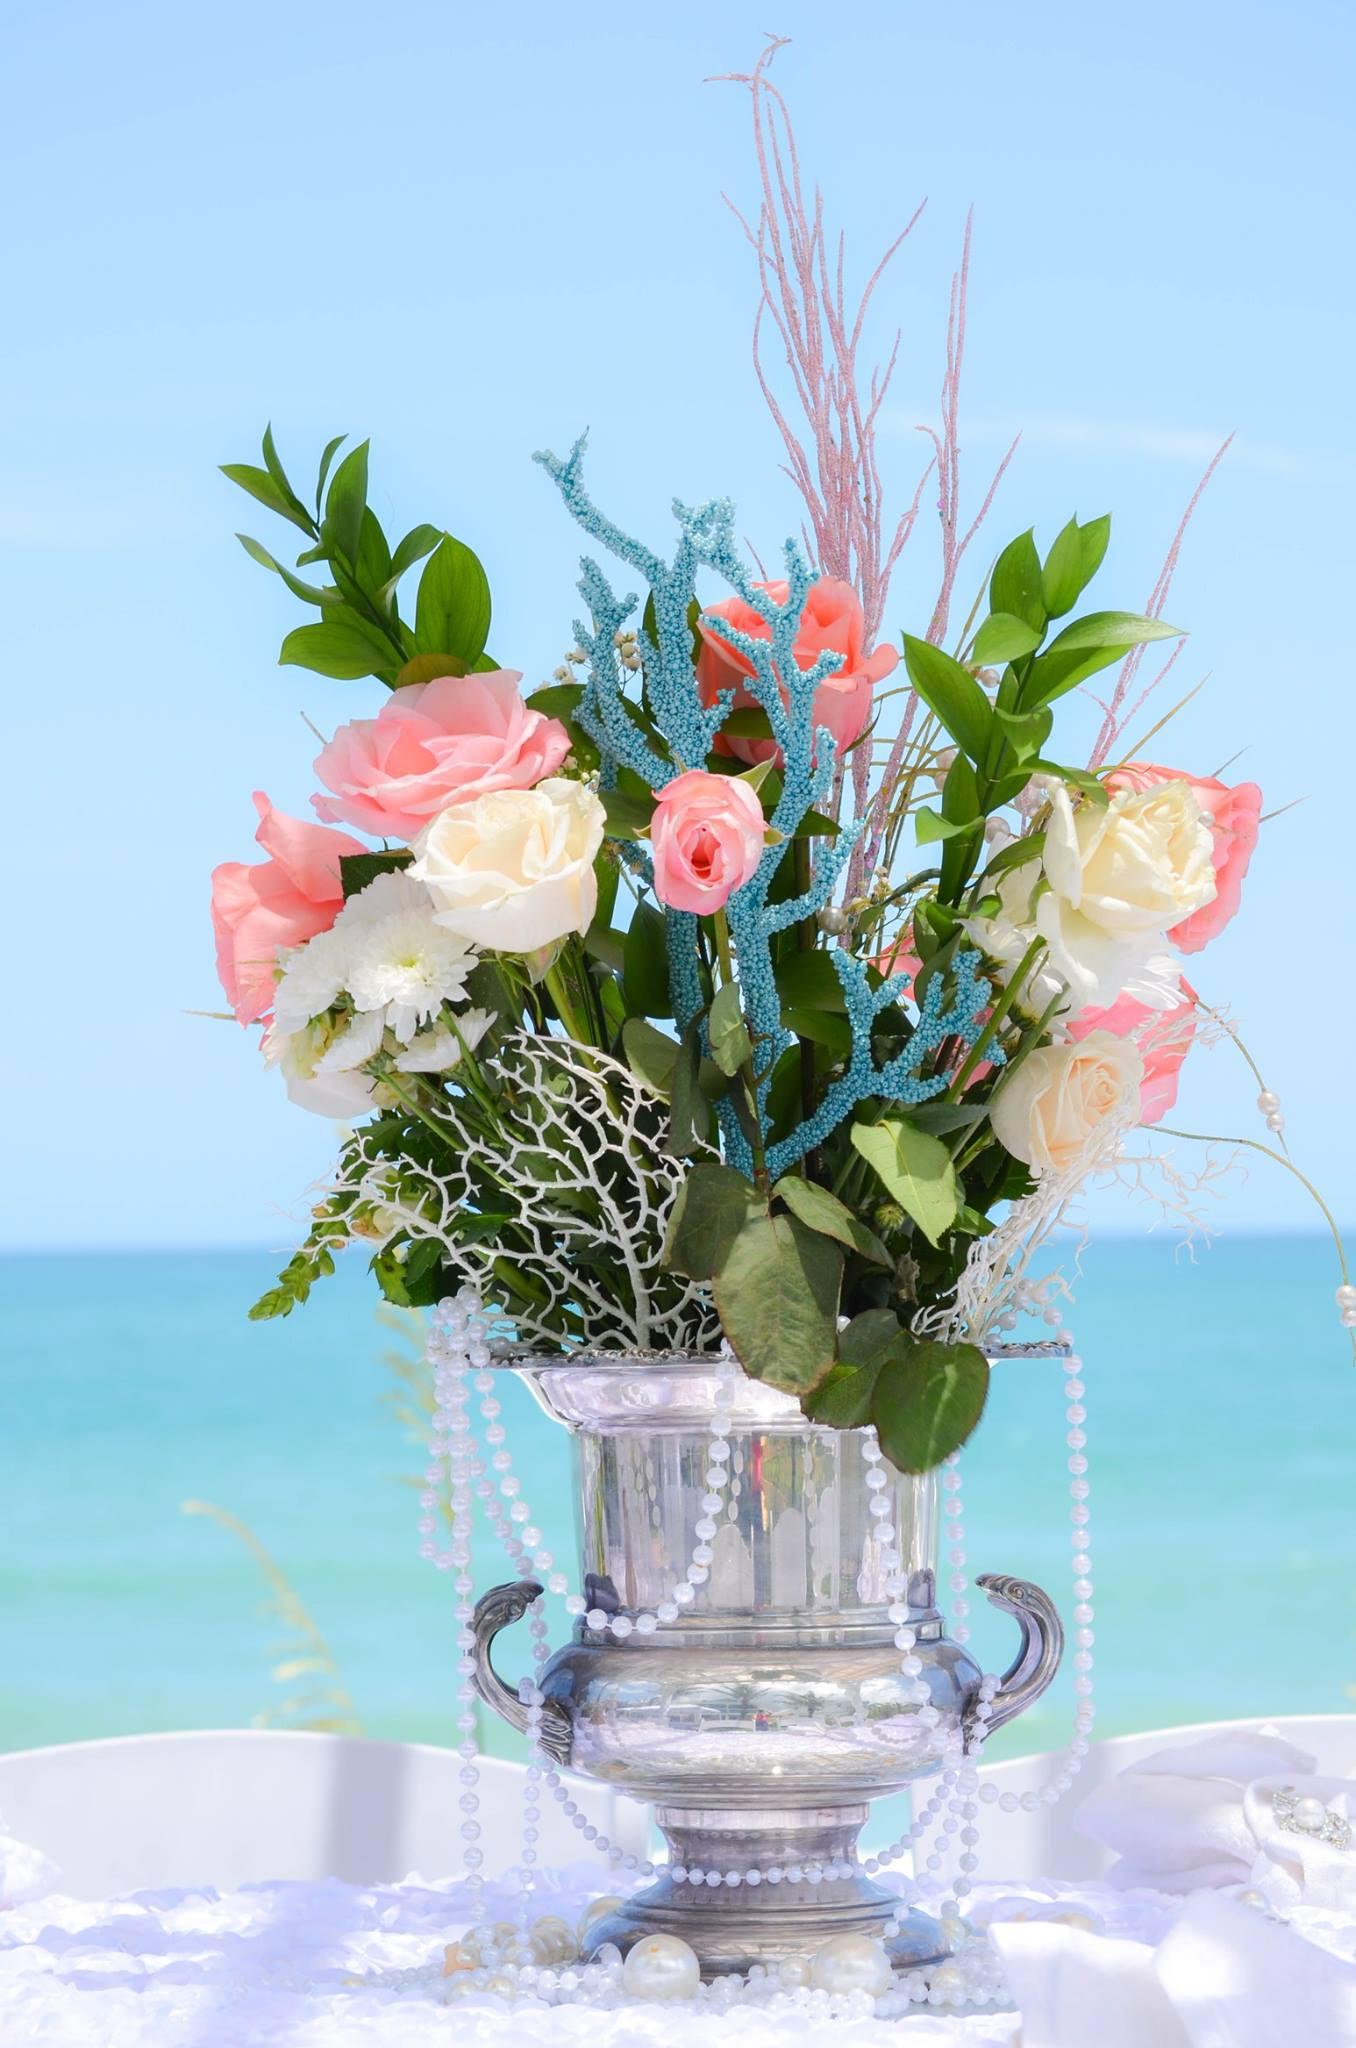 abfab_centerpiece_champagne_bucket